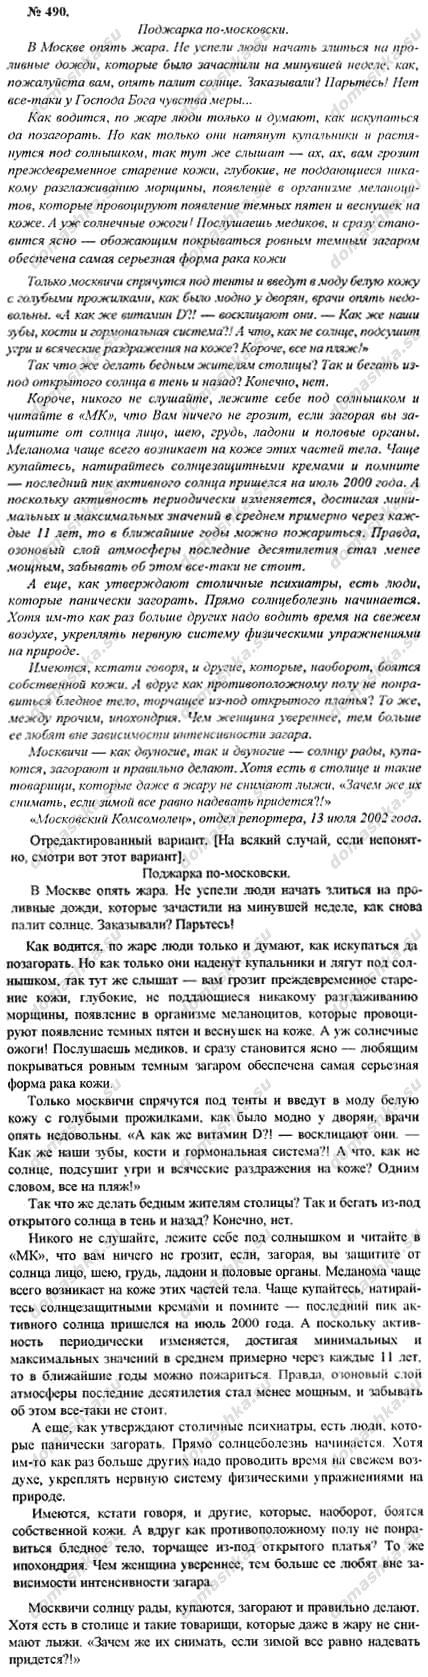 Гдз русский язык сборник текстов класс л м рыбчинкова